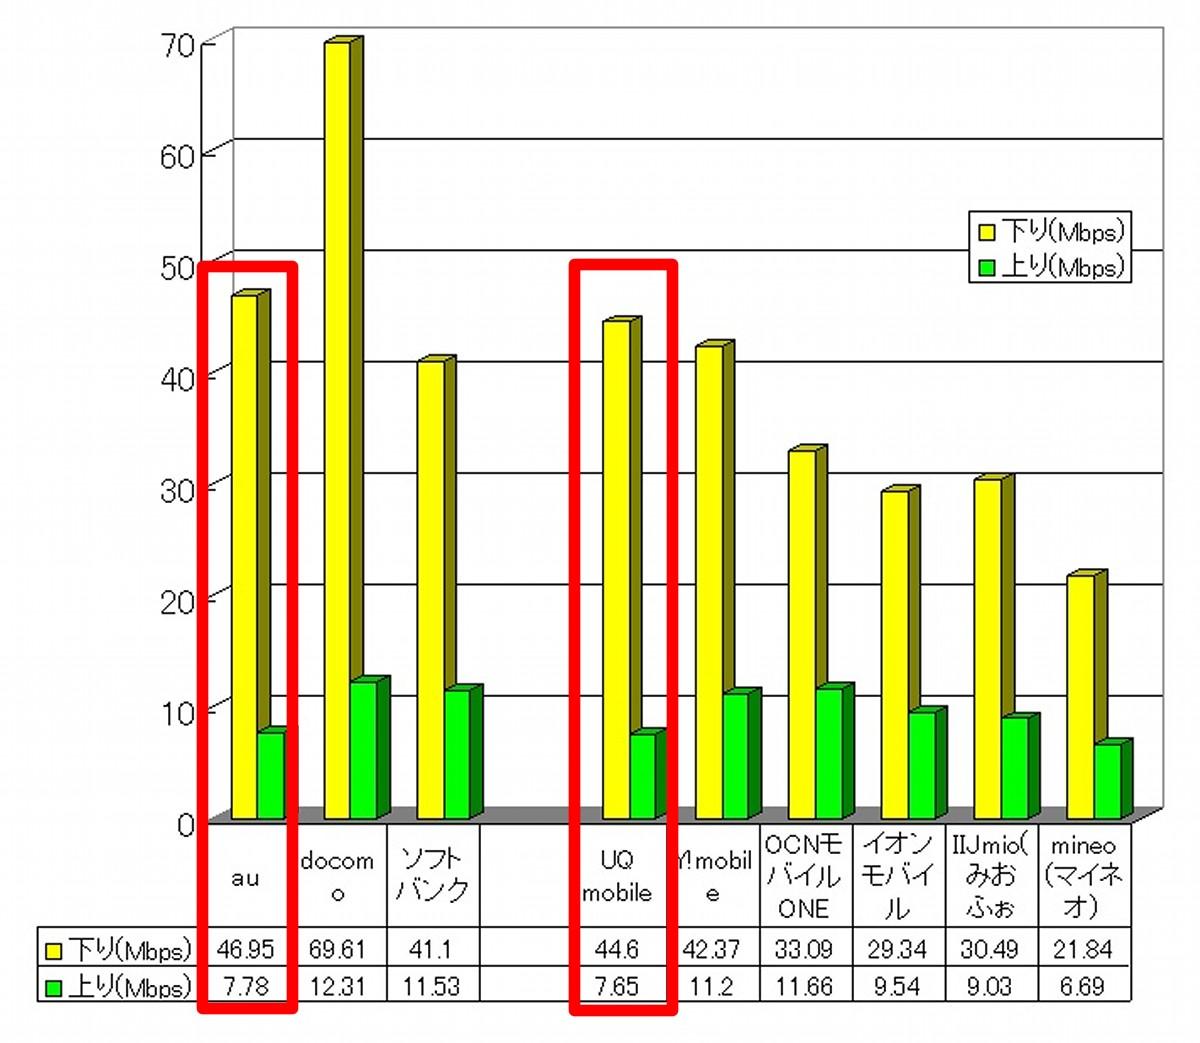 格安SIMトップクラス・大手キャリア並みの回線速度